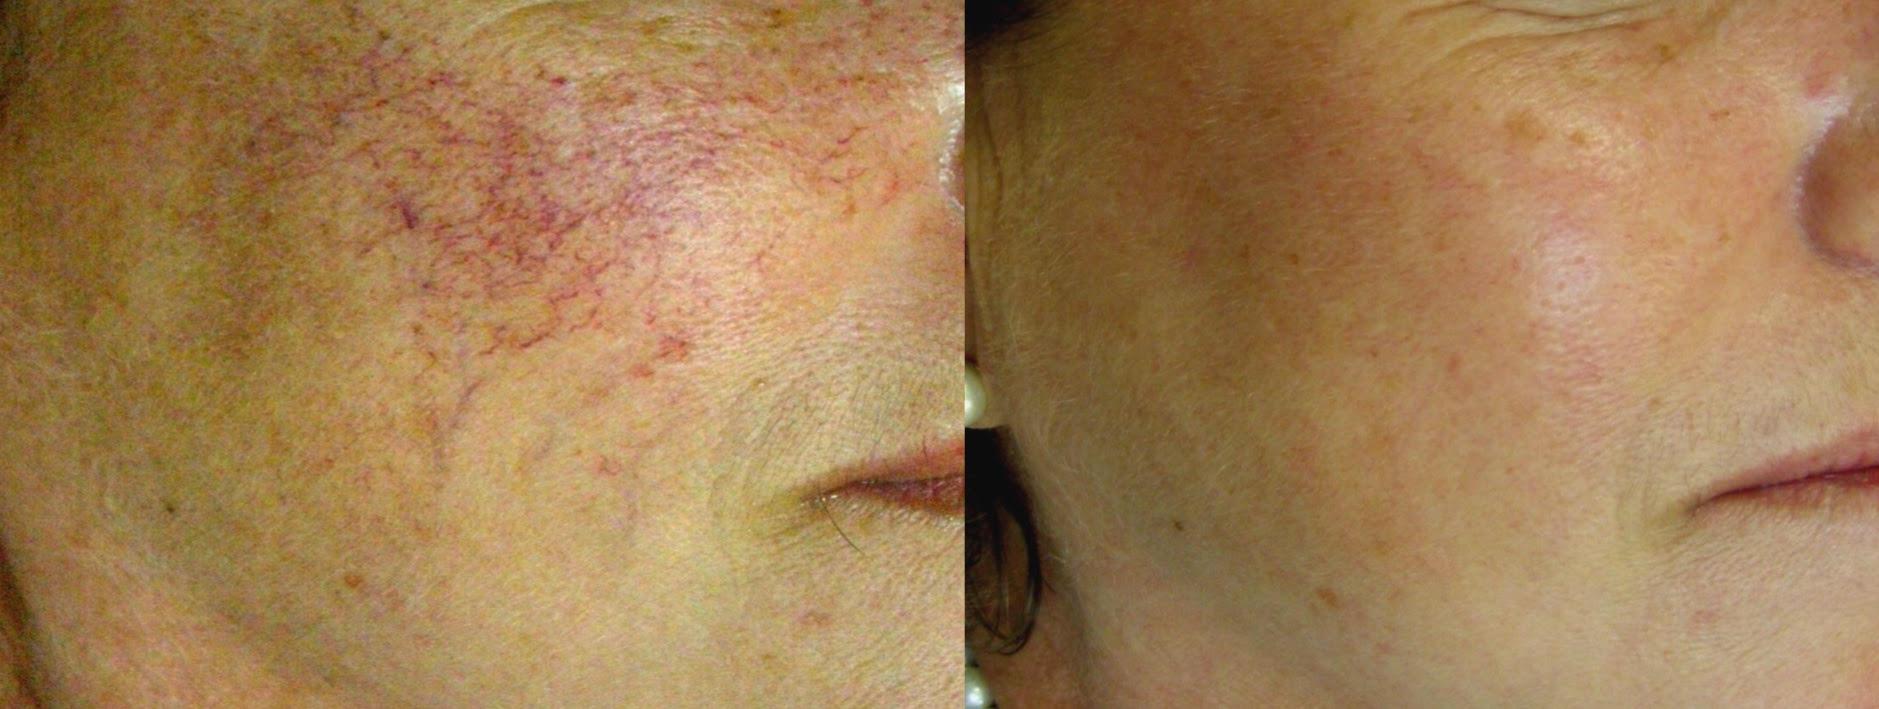 Elite Laser — SkinPlus MedSpa